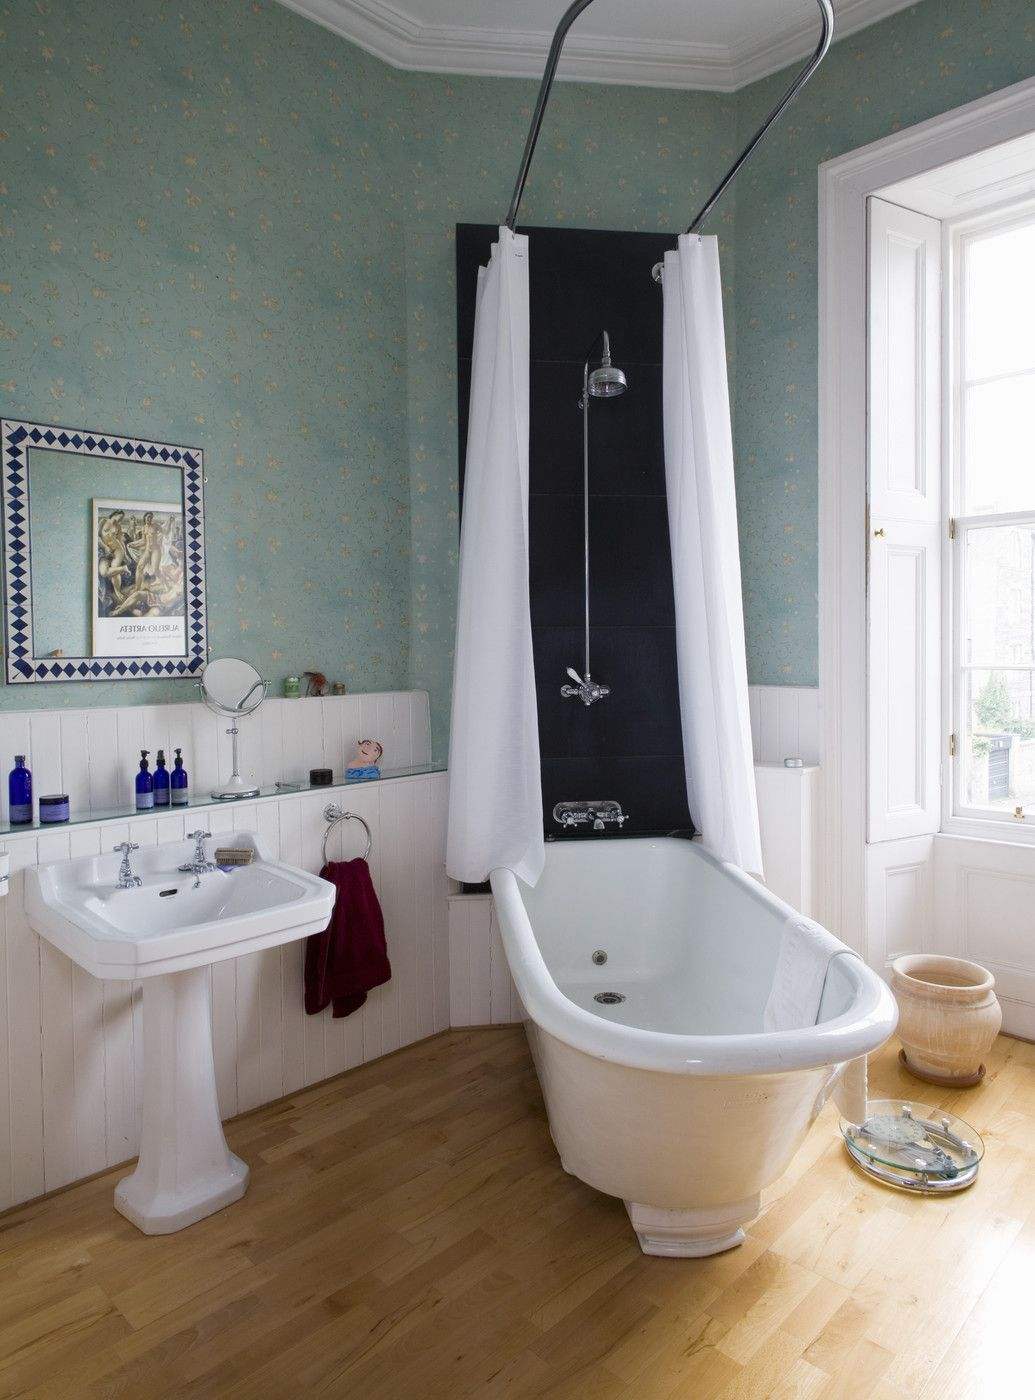 Shower Over Bath Photos   Pinterest   Traditional bathroom, Bath and ...